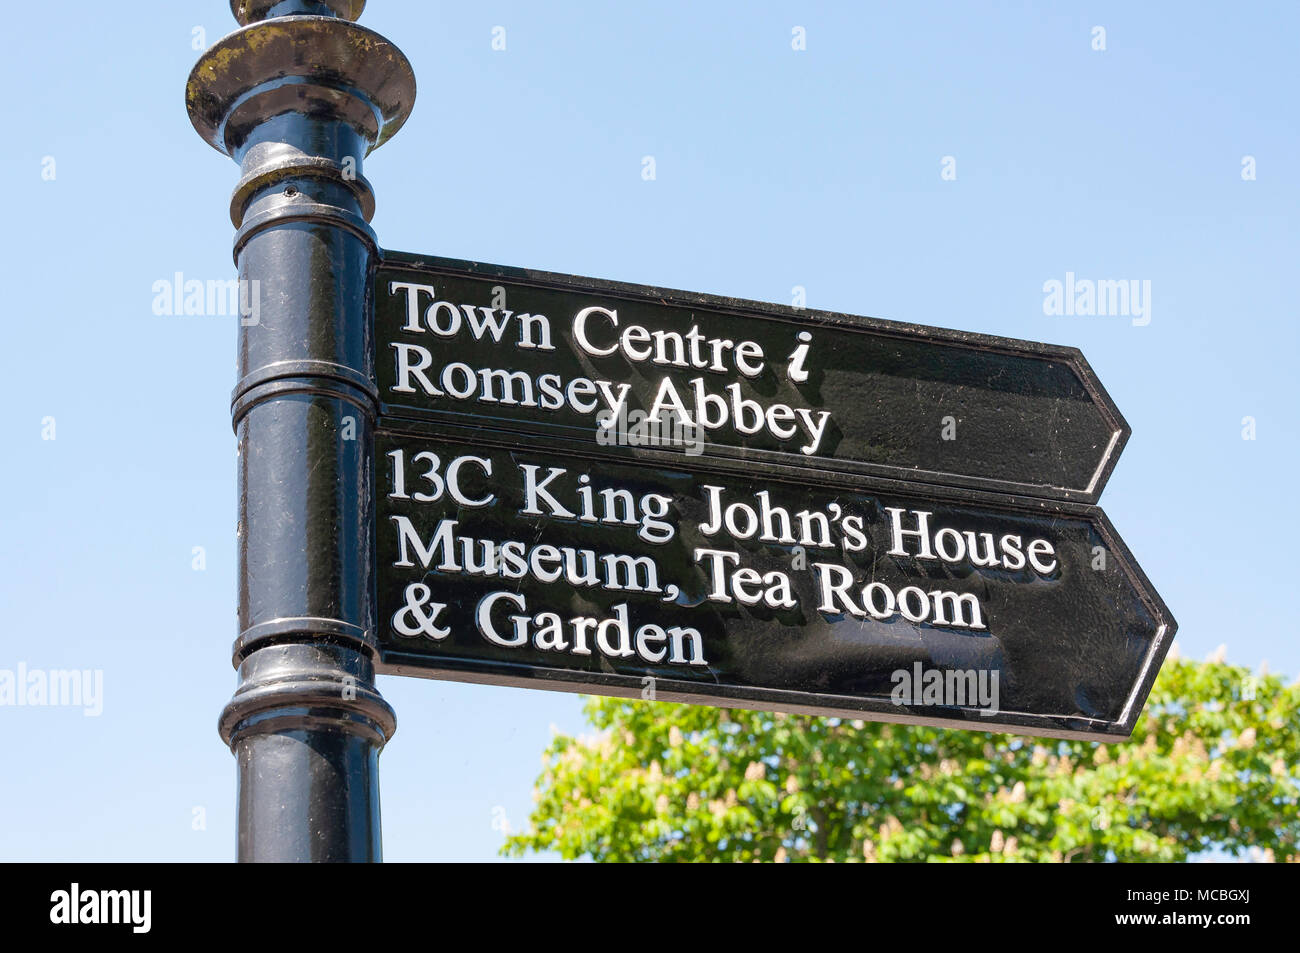 Attraktion Wegweiser Romney, Broadwater Road, Hampshire, England, Vereinigtes Königreich Stockbild